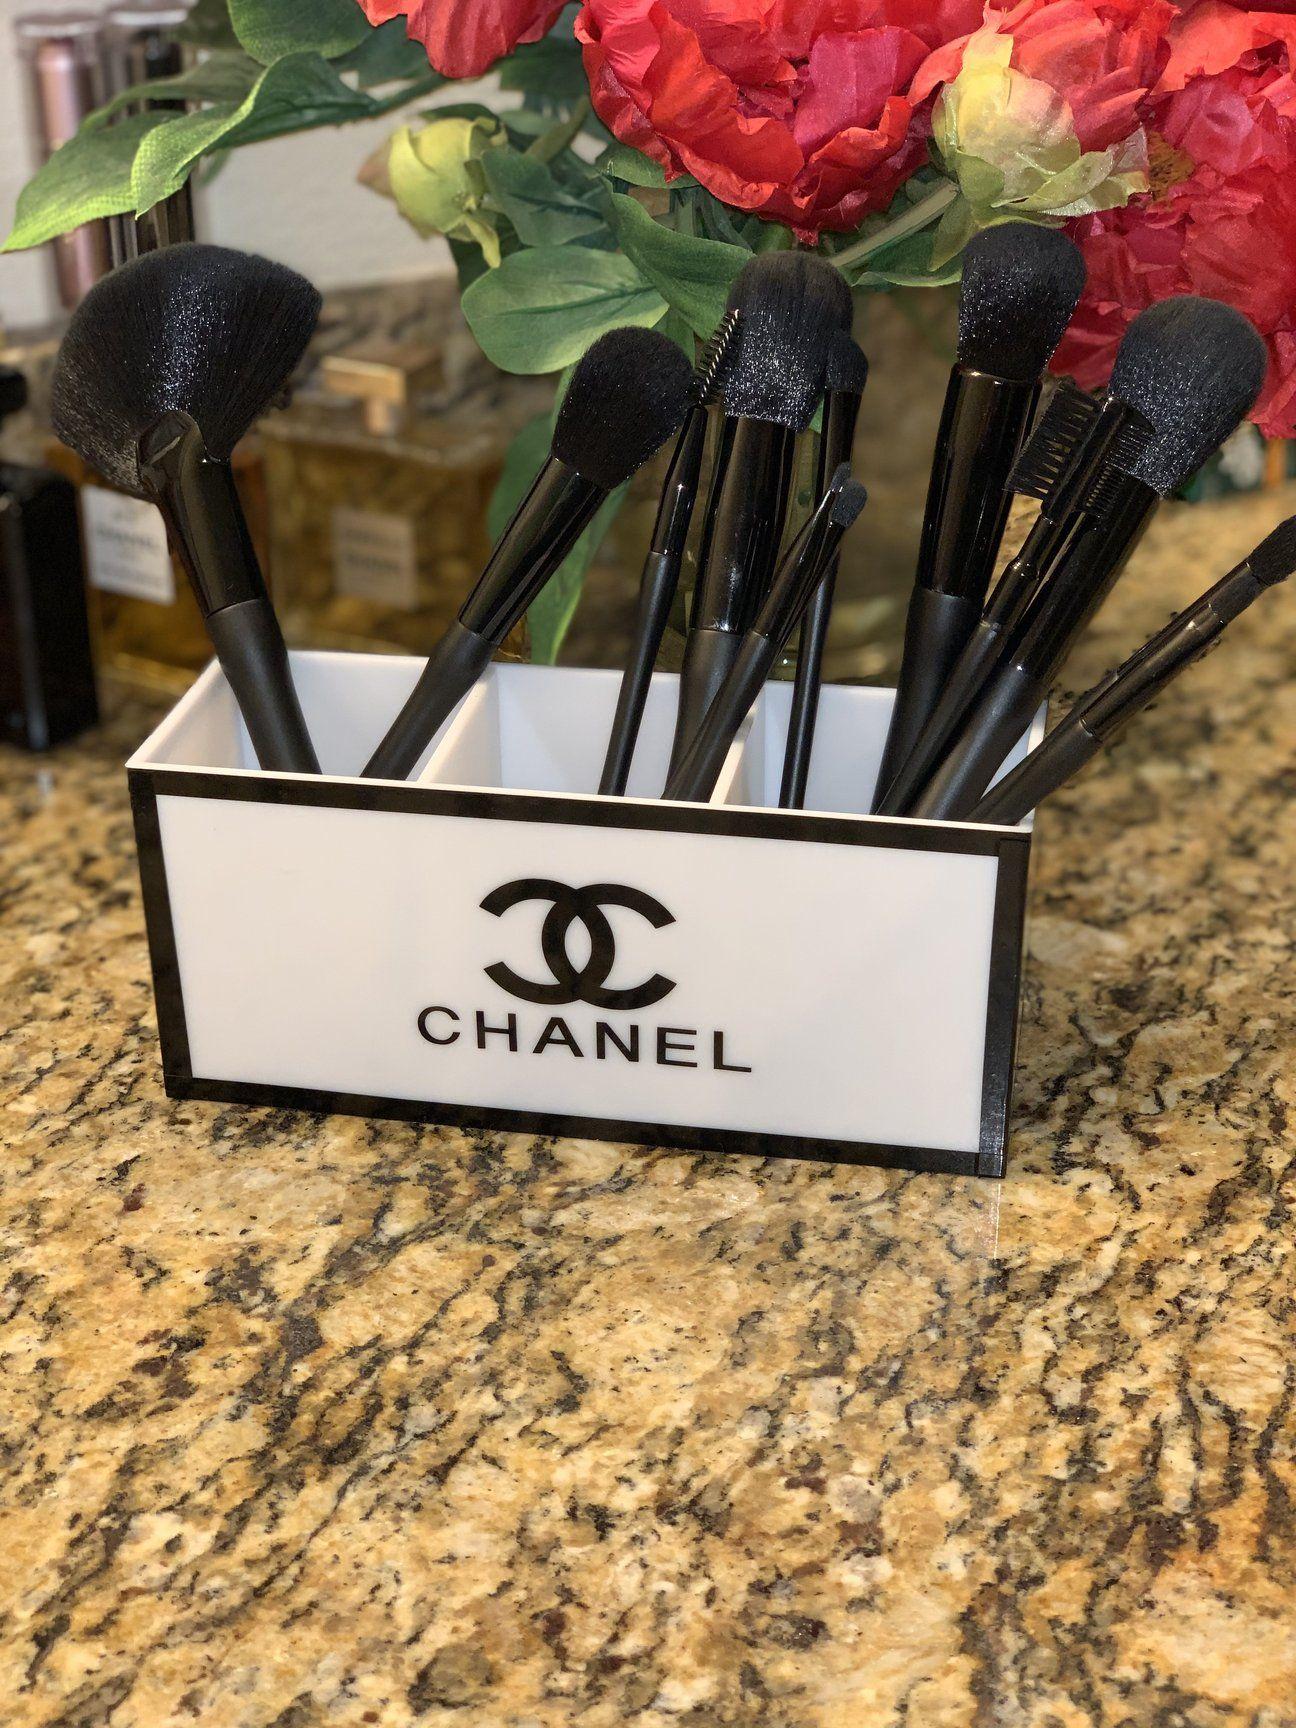 Chanel Makeup Brush Holder White Ceramic Giant Shoe